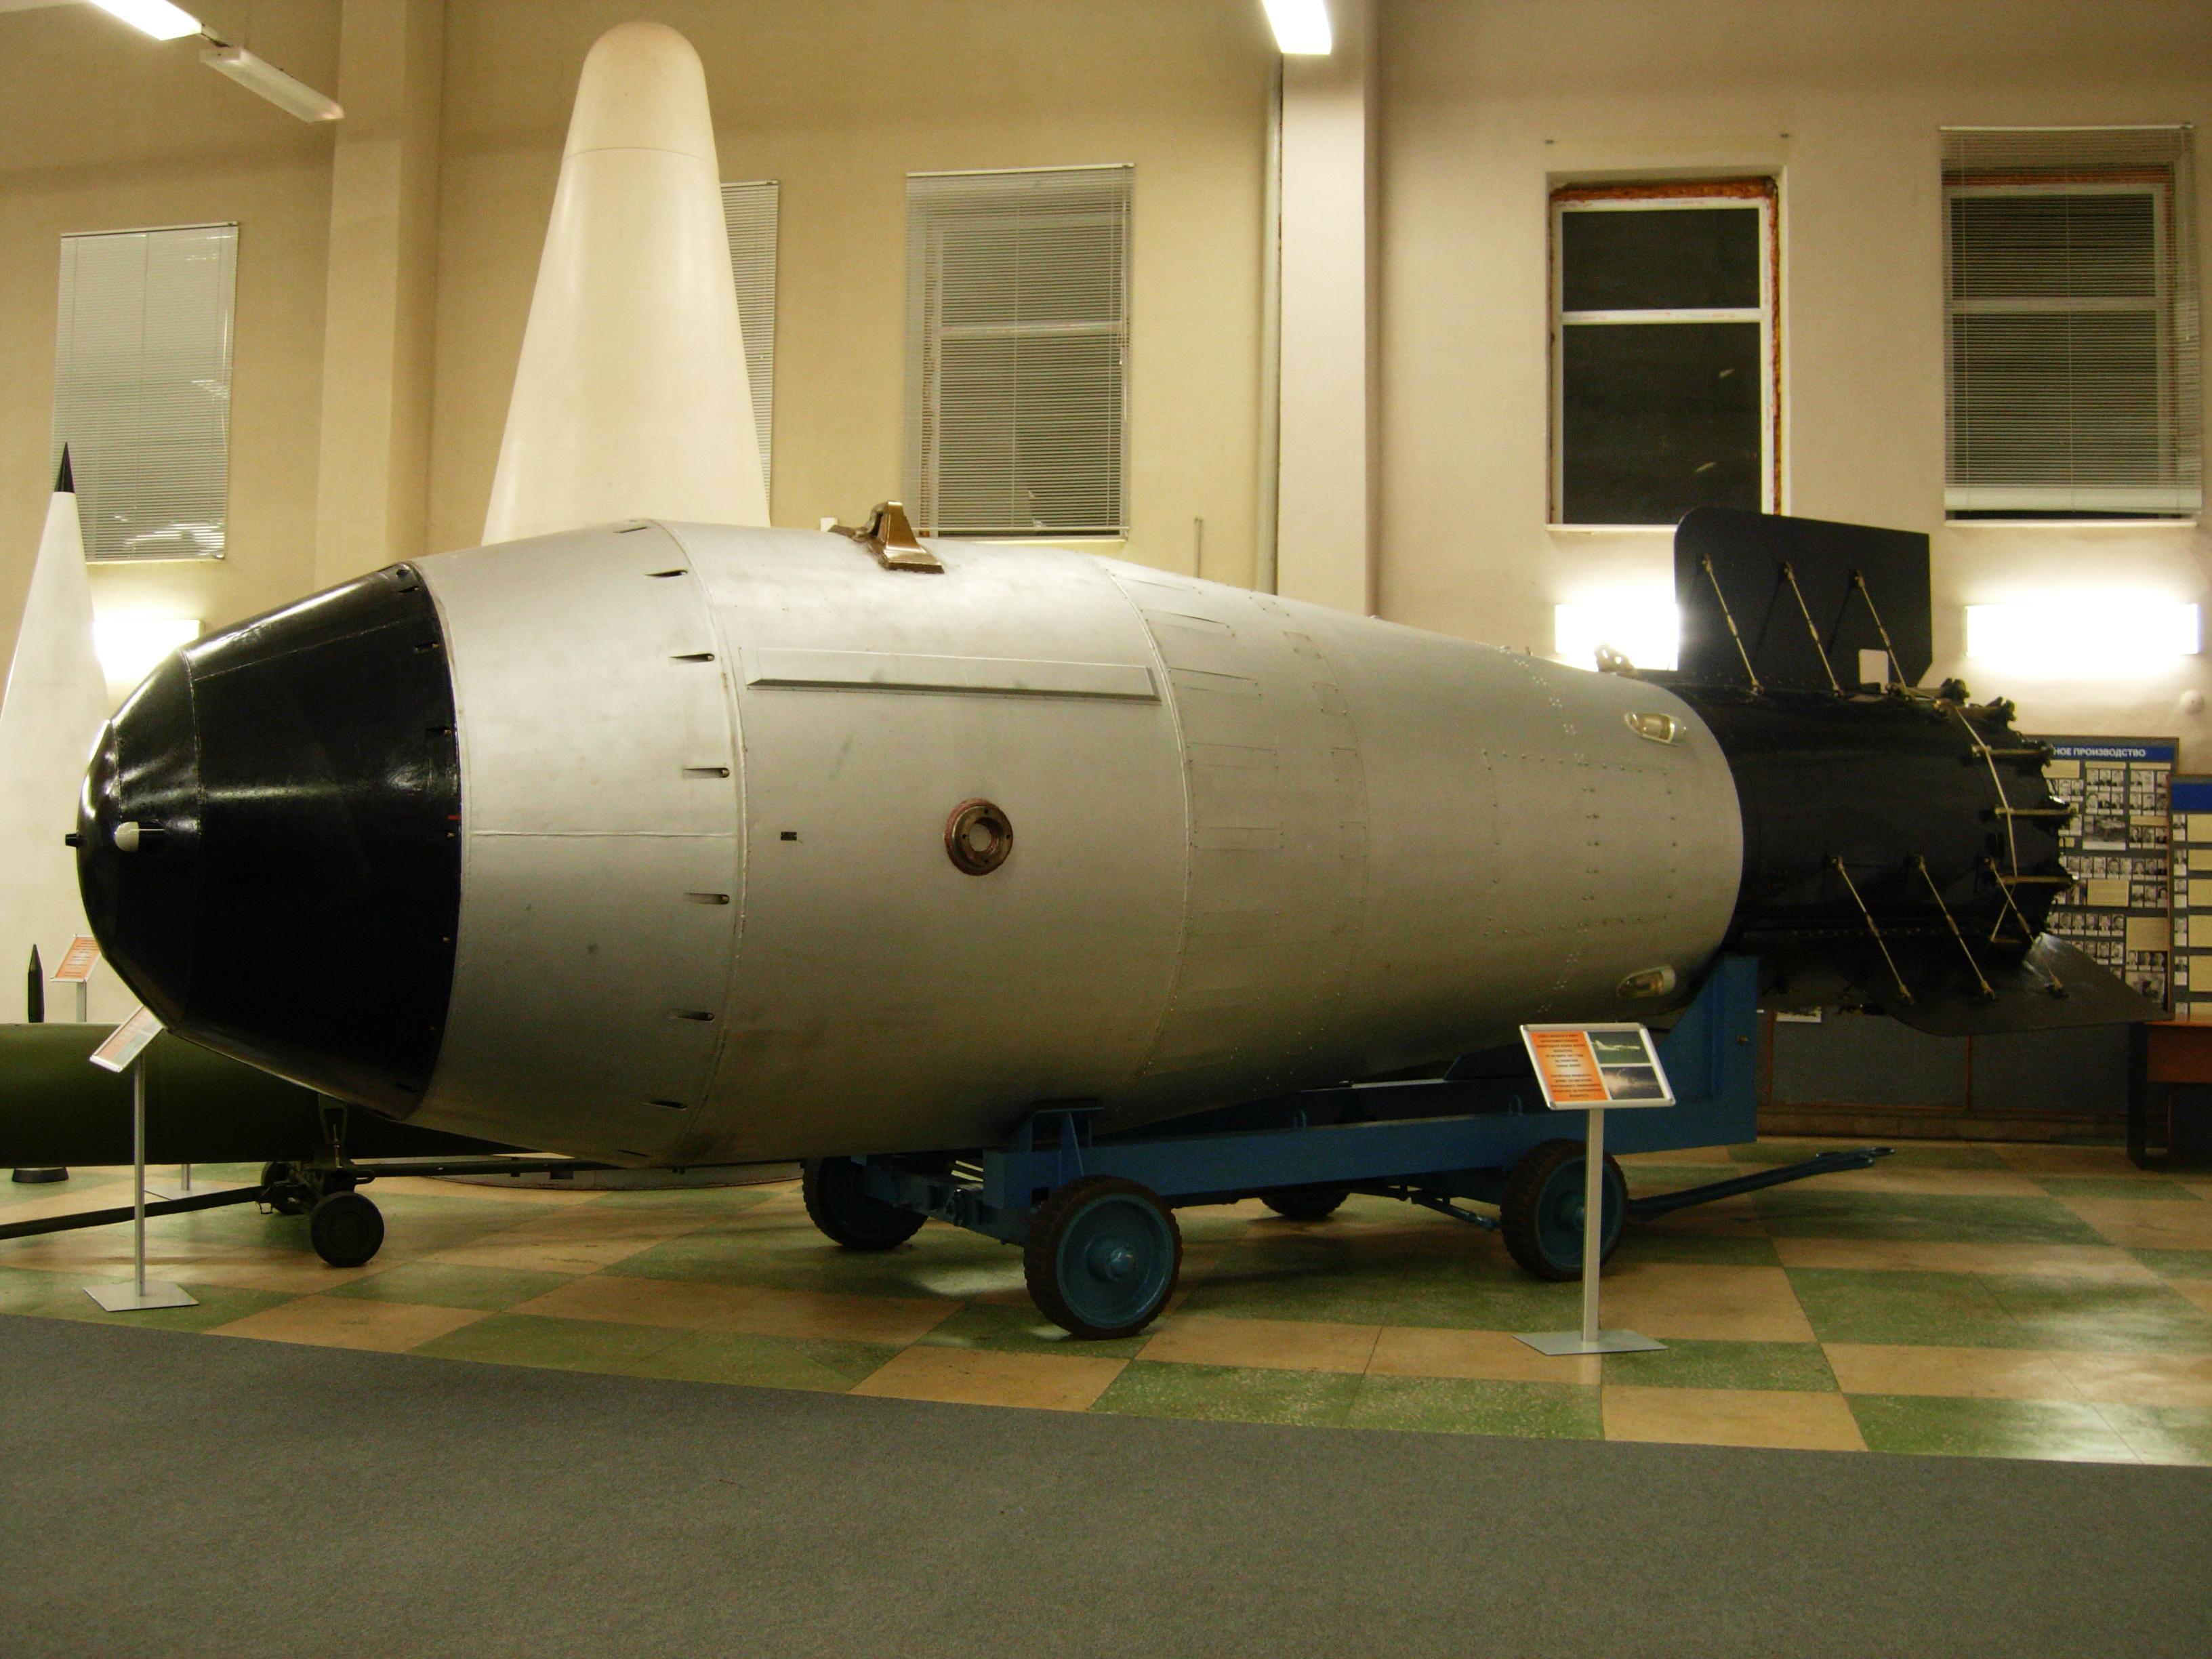 Аргентинский ученый из Лос-Аламоса пообещал создать 40 атомных бомб для Венесуэлы